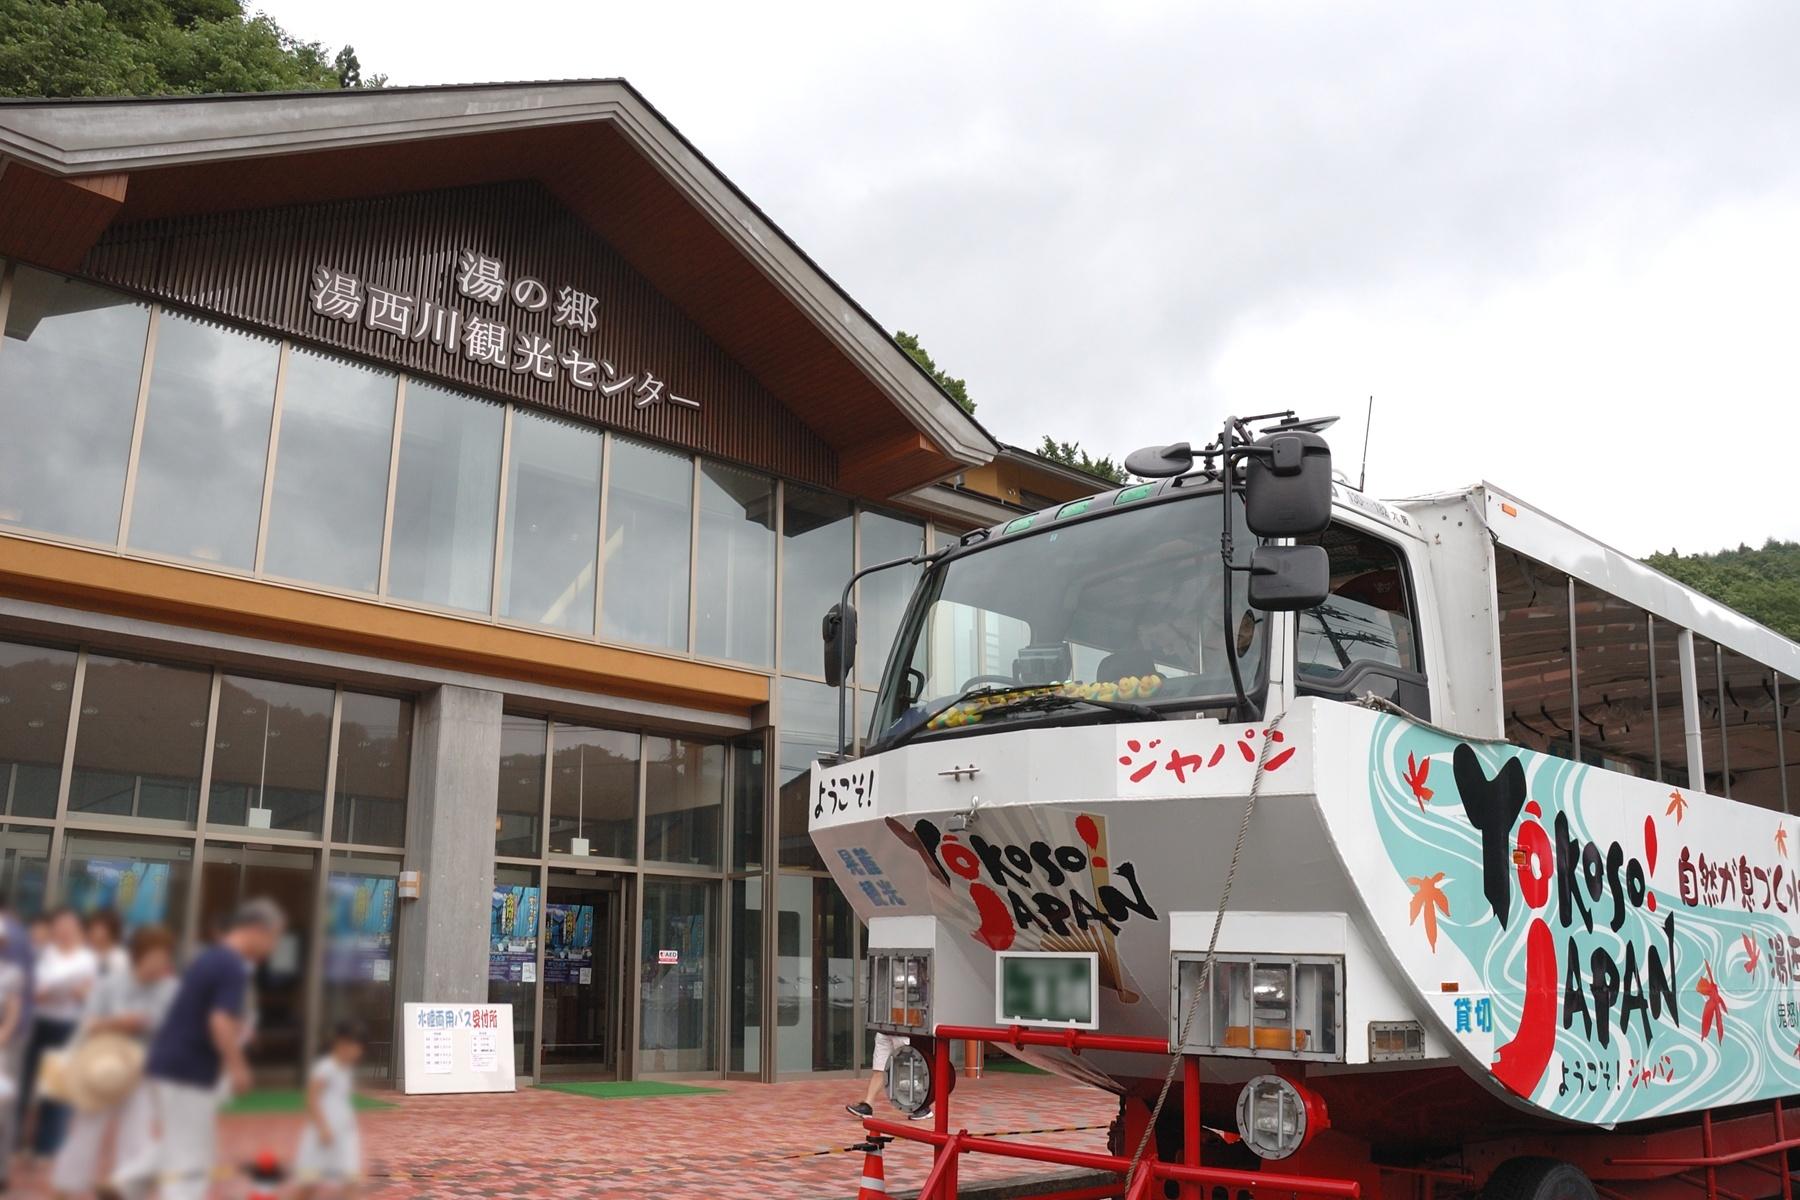 תחנת יונישיגאווה רודסייד – יונישיגאווה אונסן – Yunishigawa Roadside Station